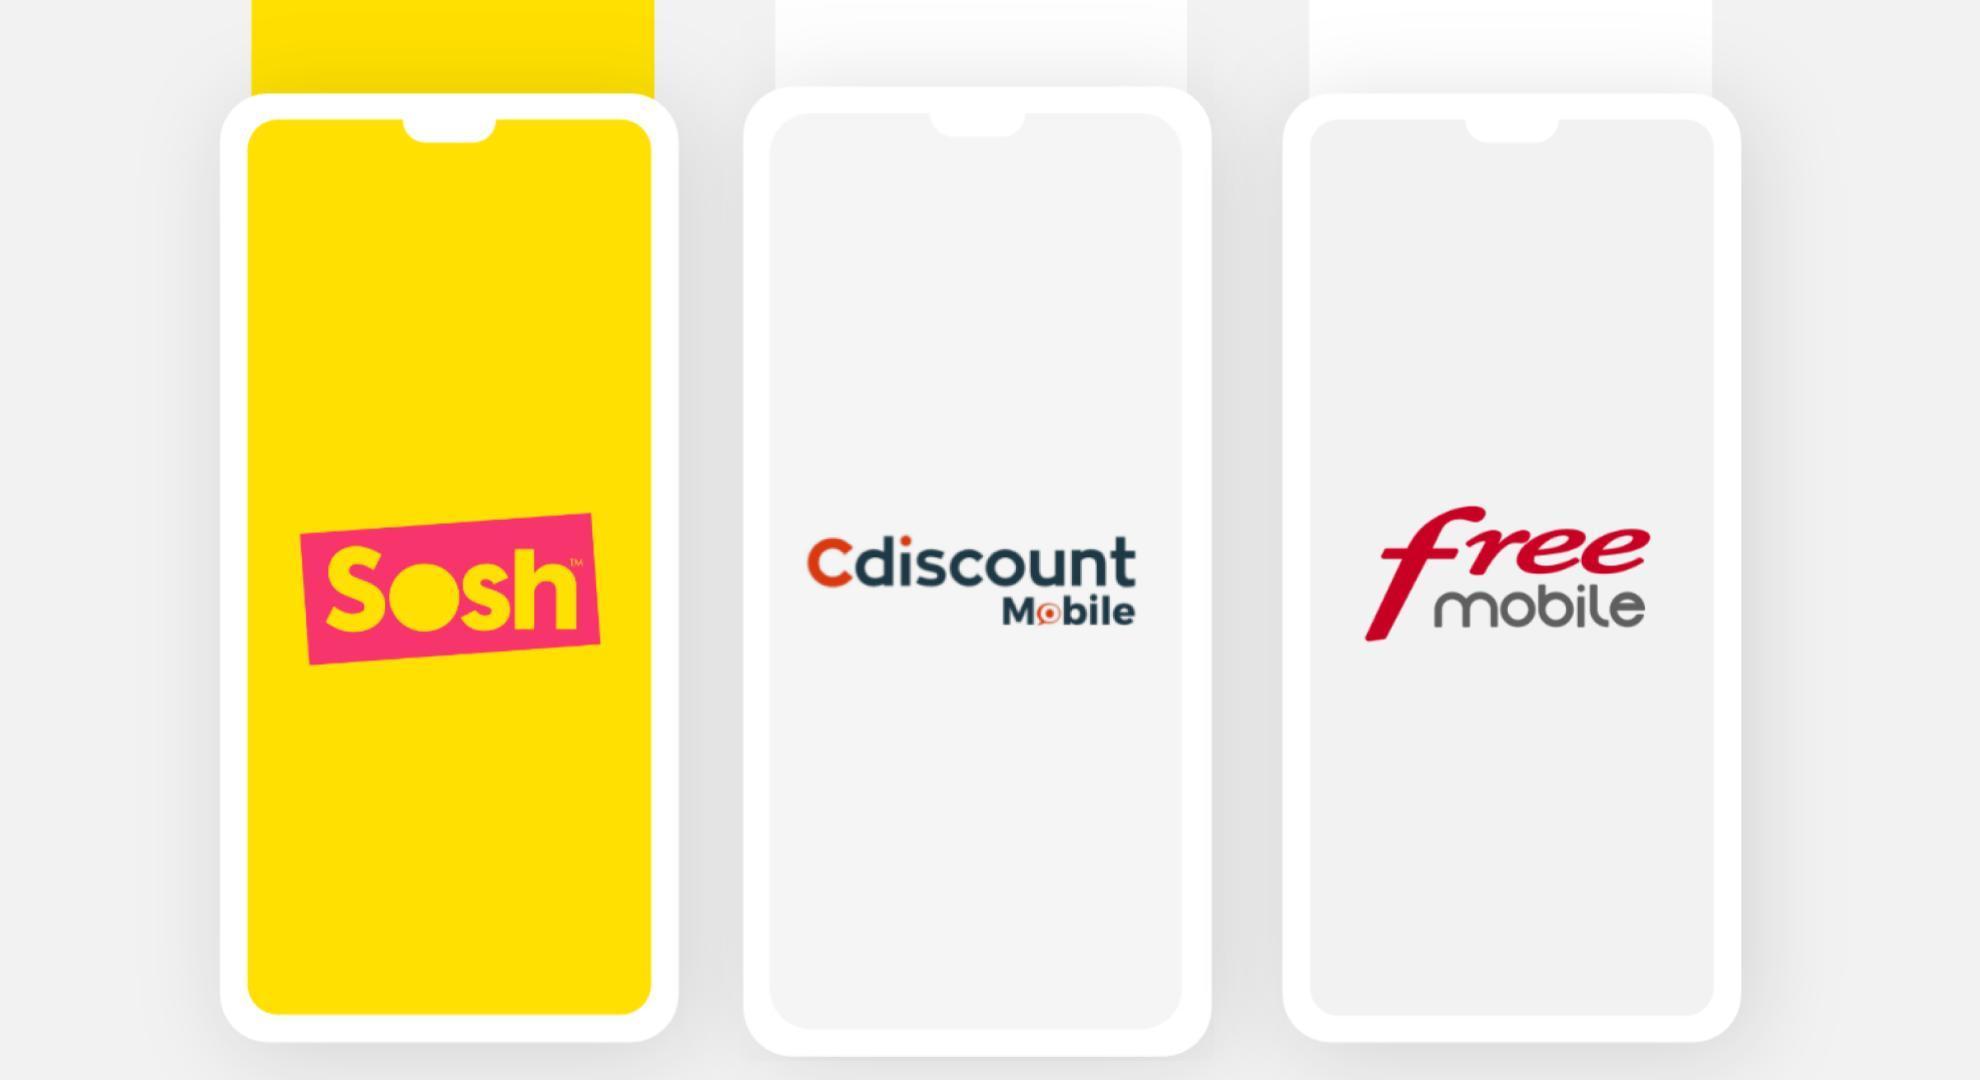 Forfait mobile : bientôt la fin pour ces 4 offres illimitées, à partir de 2,99 euros par mois